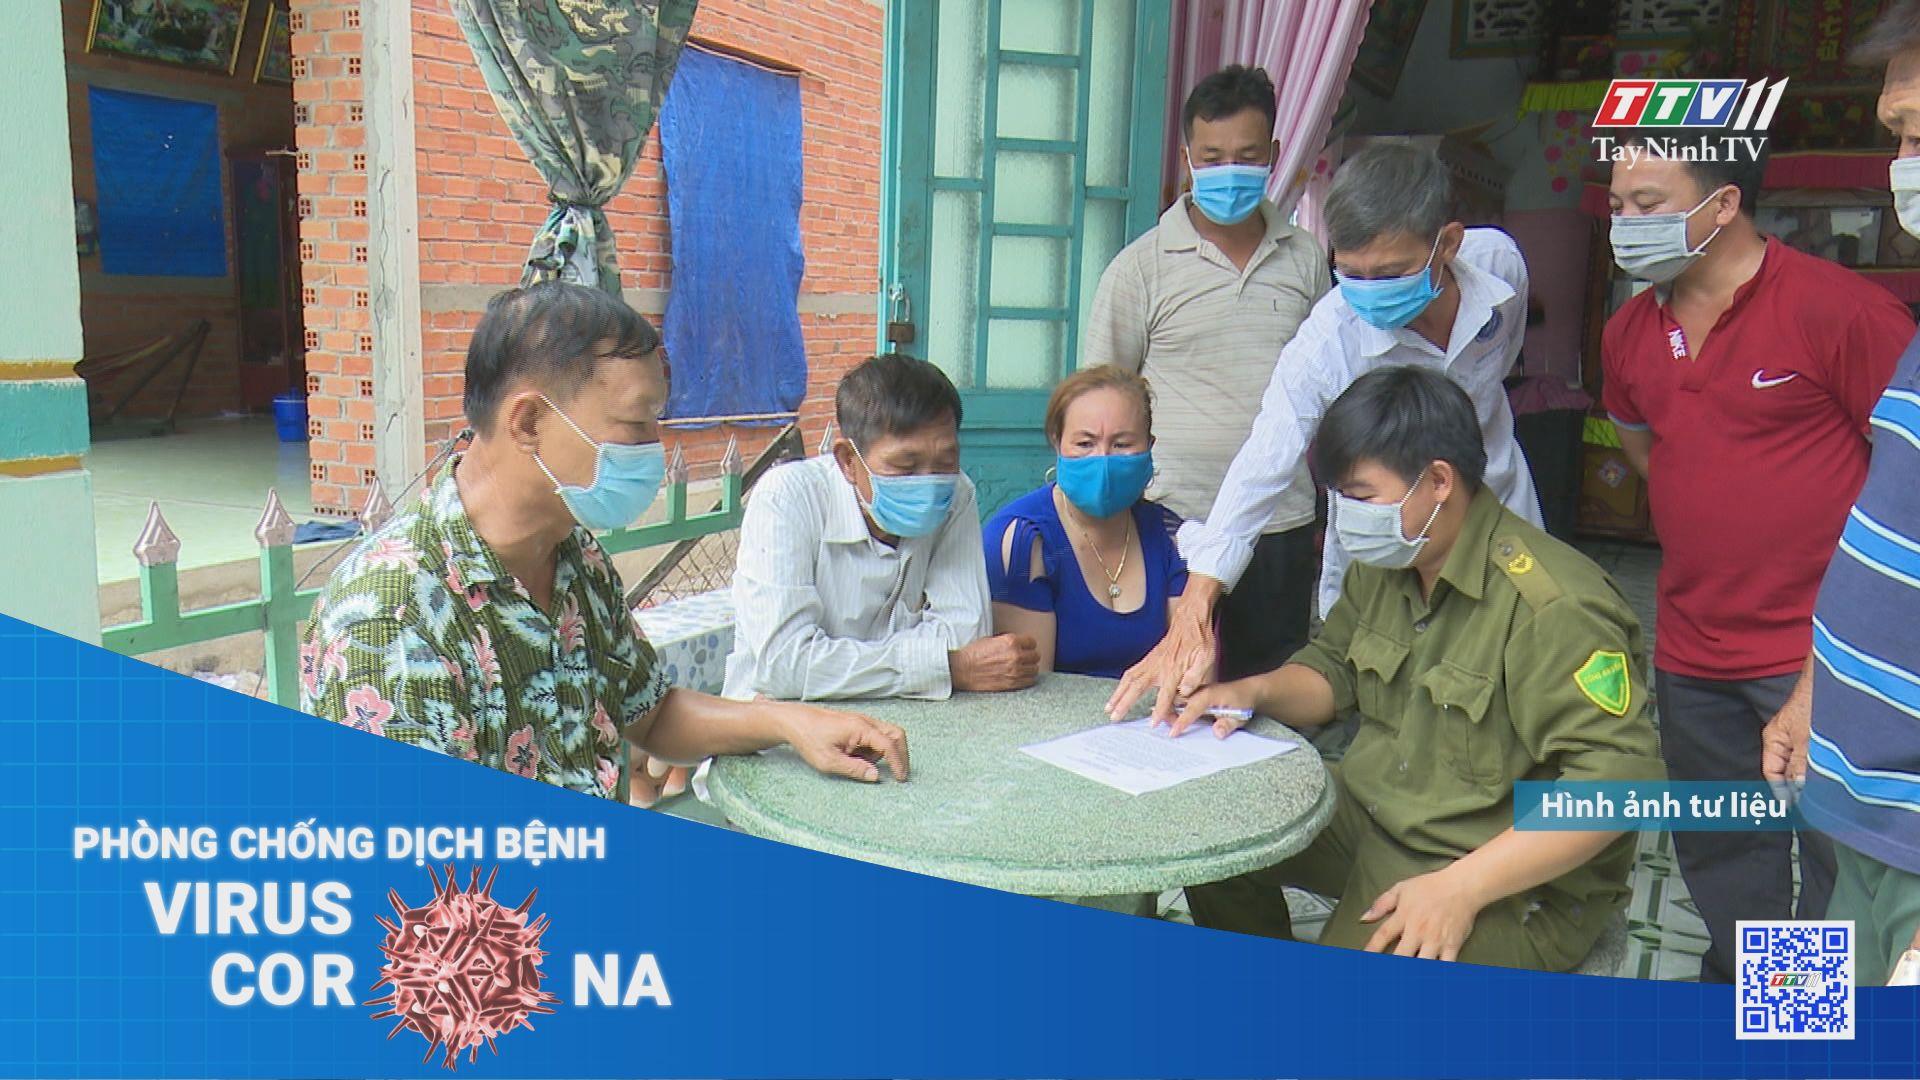 Giám sát khép kín đối với người nhập cảnh trong cao điểm Tết Nguyên đán | THÔNG TIN DỊCH CÚM COVID-19 | TayNinhTV